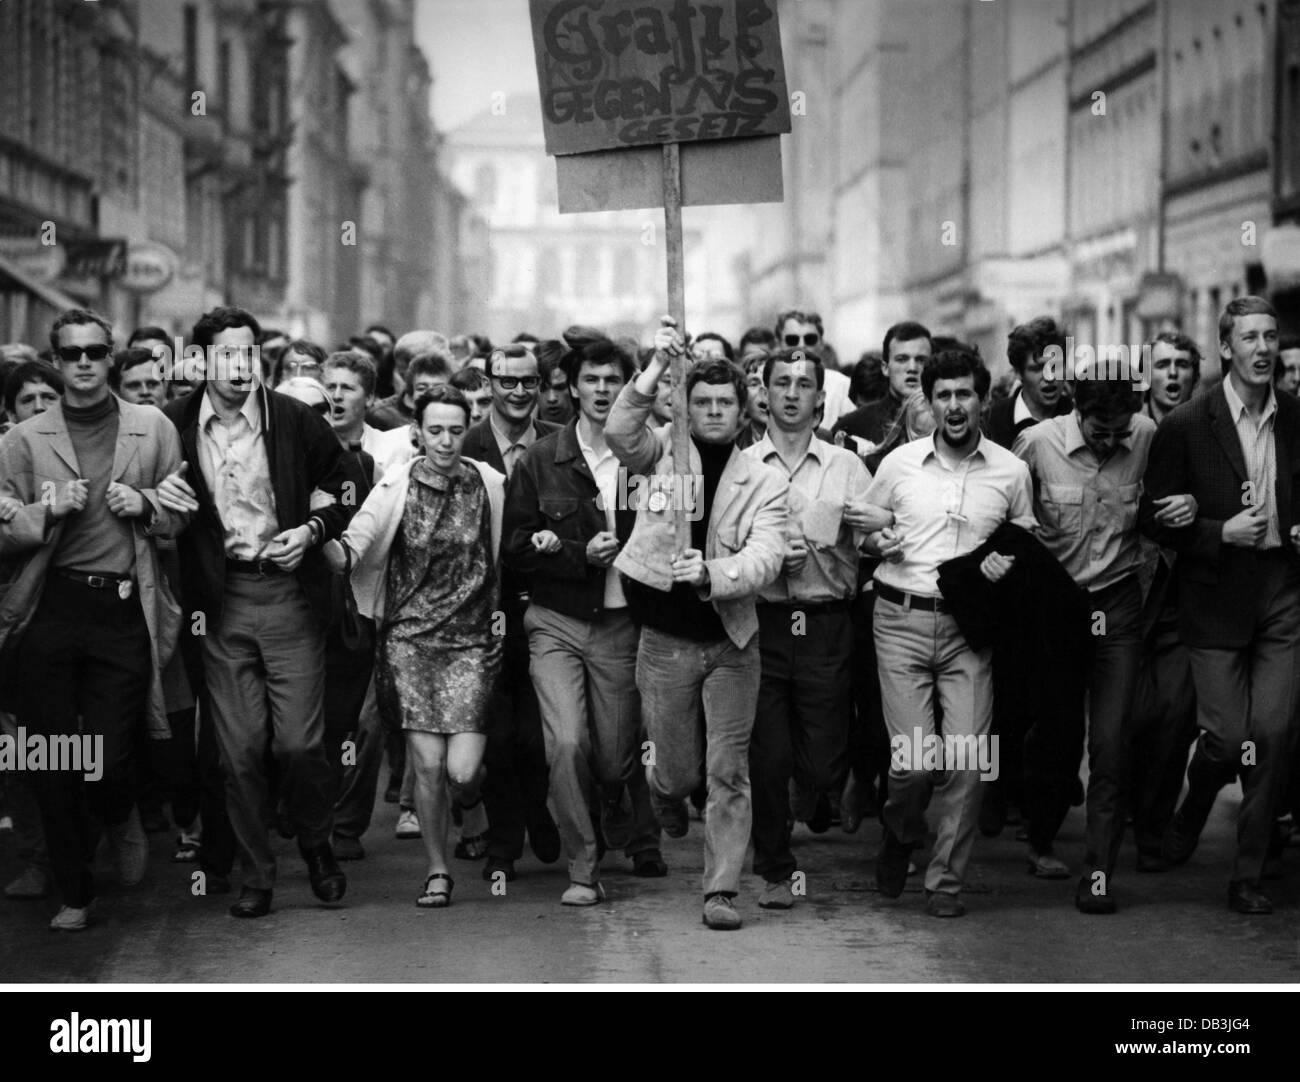 Politique, manifestations, Allemagne, protestation contre les lois d'urgence, étudiants en cours de course avec Banque D'Images